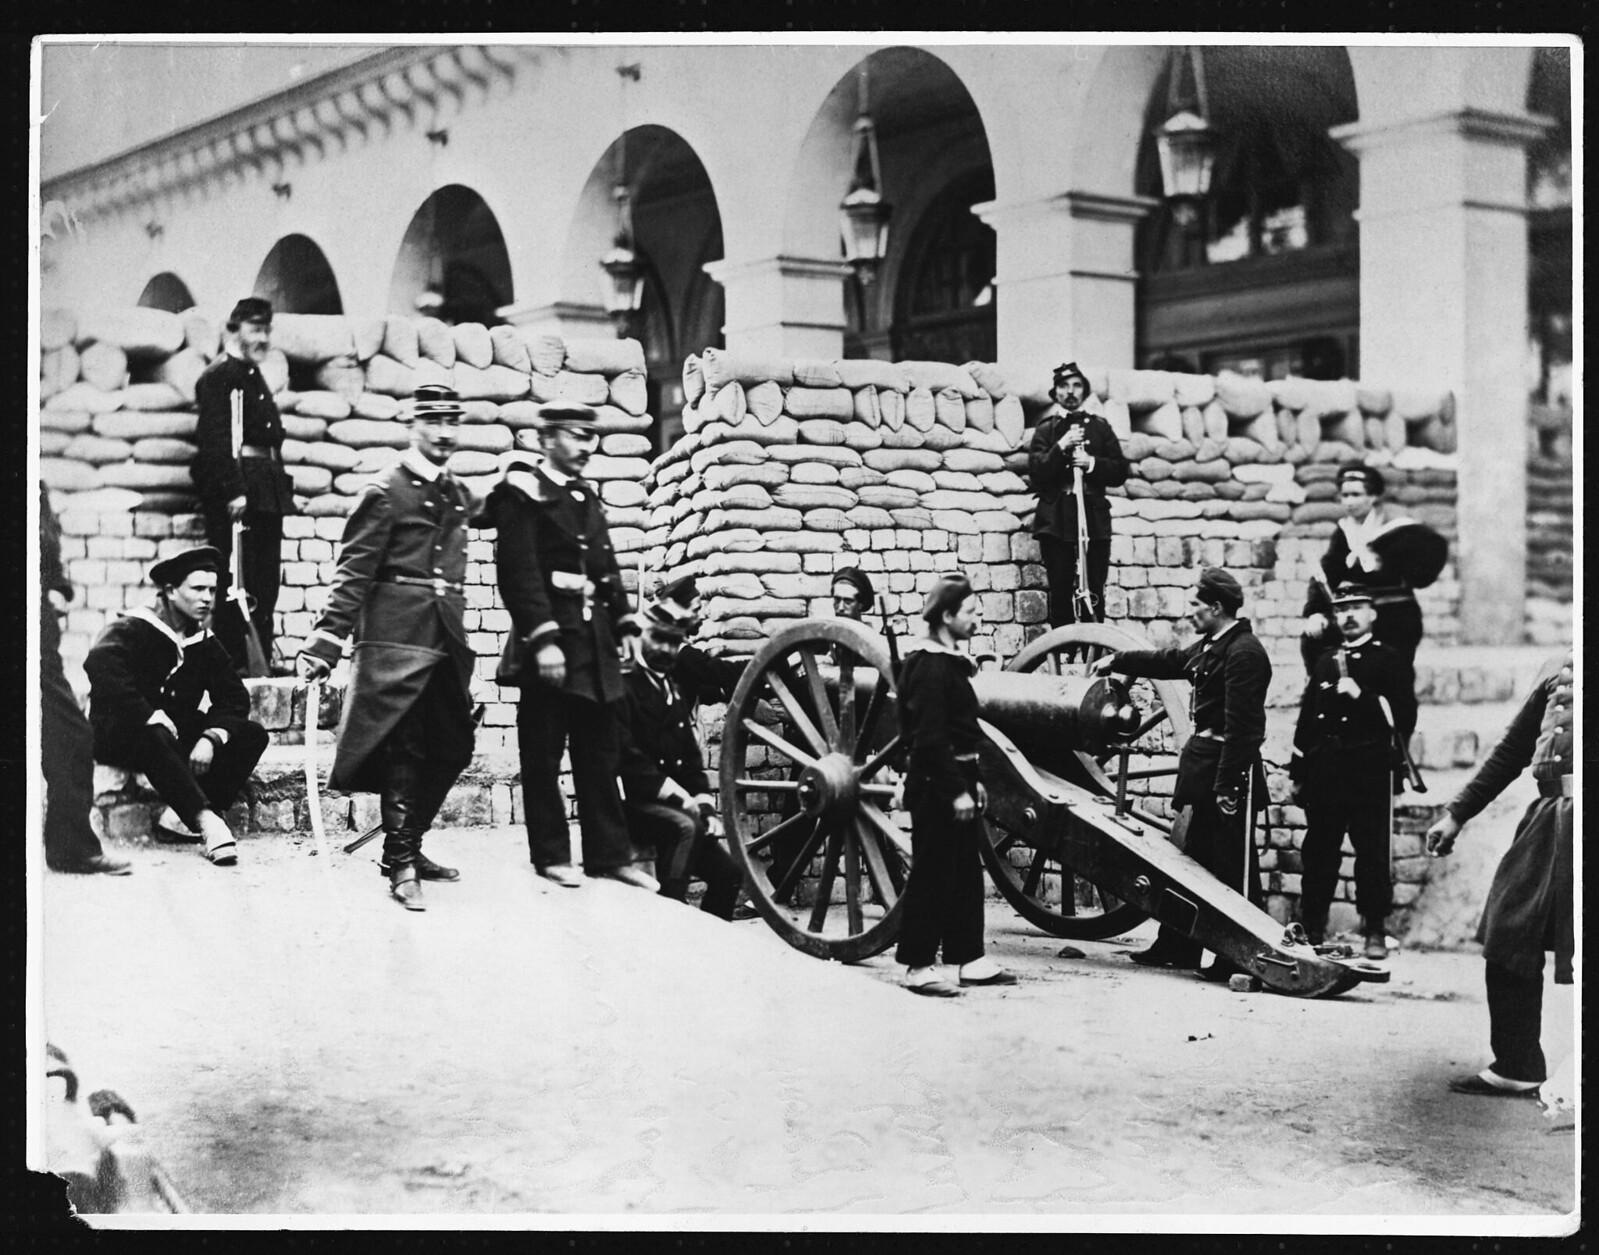 1891. Национальные гвардейцы и моряки устраивают баррикаду на улице Кастильоне